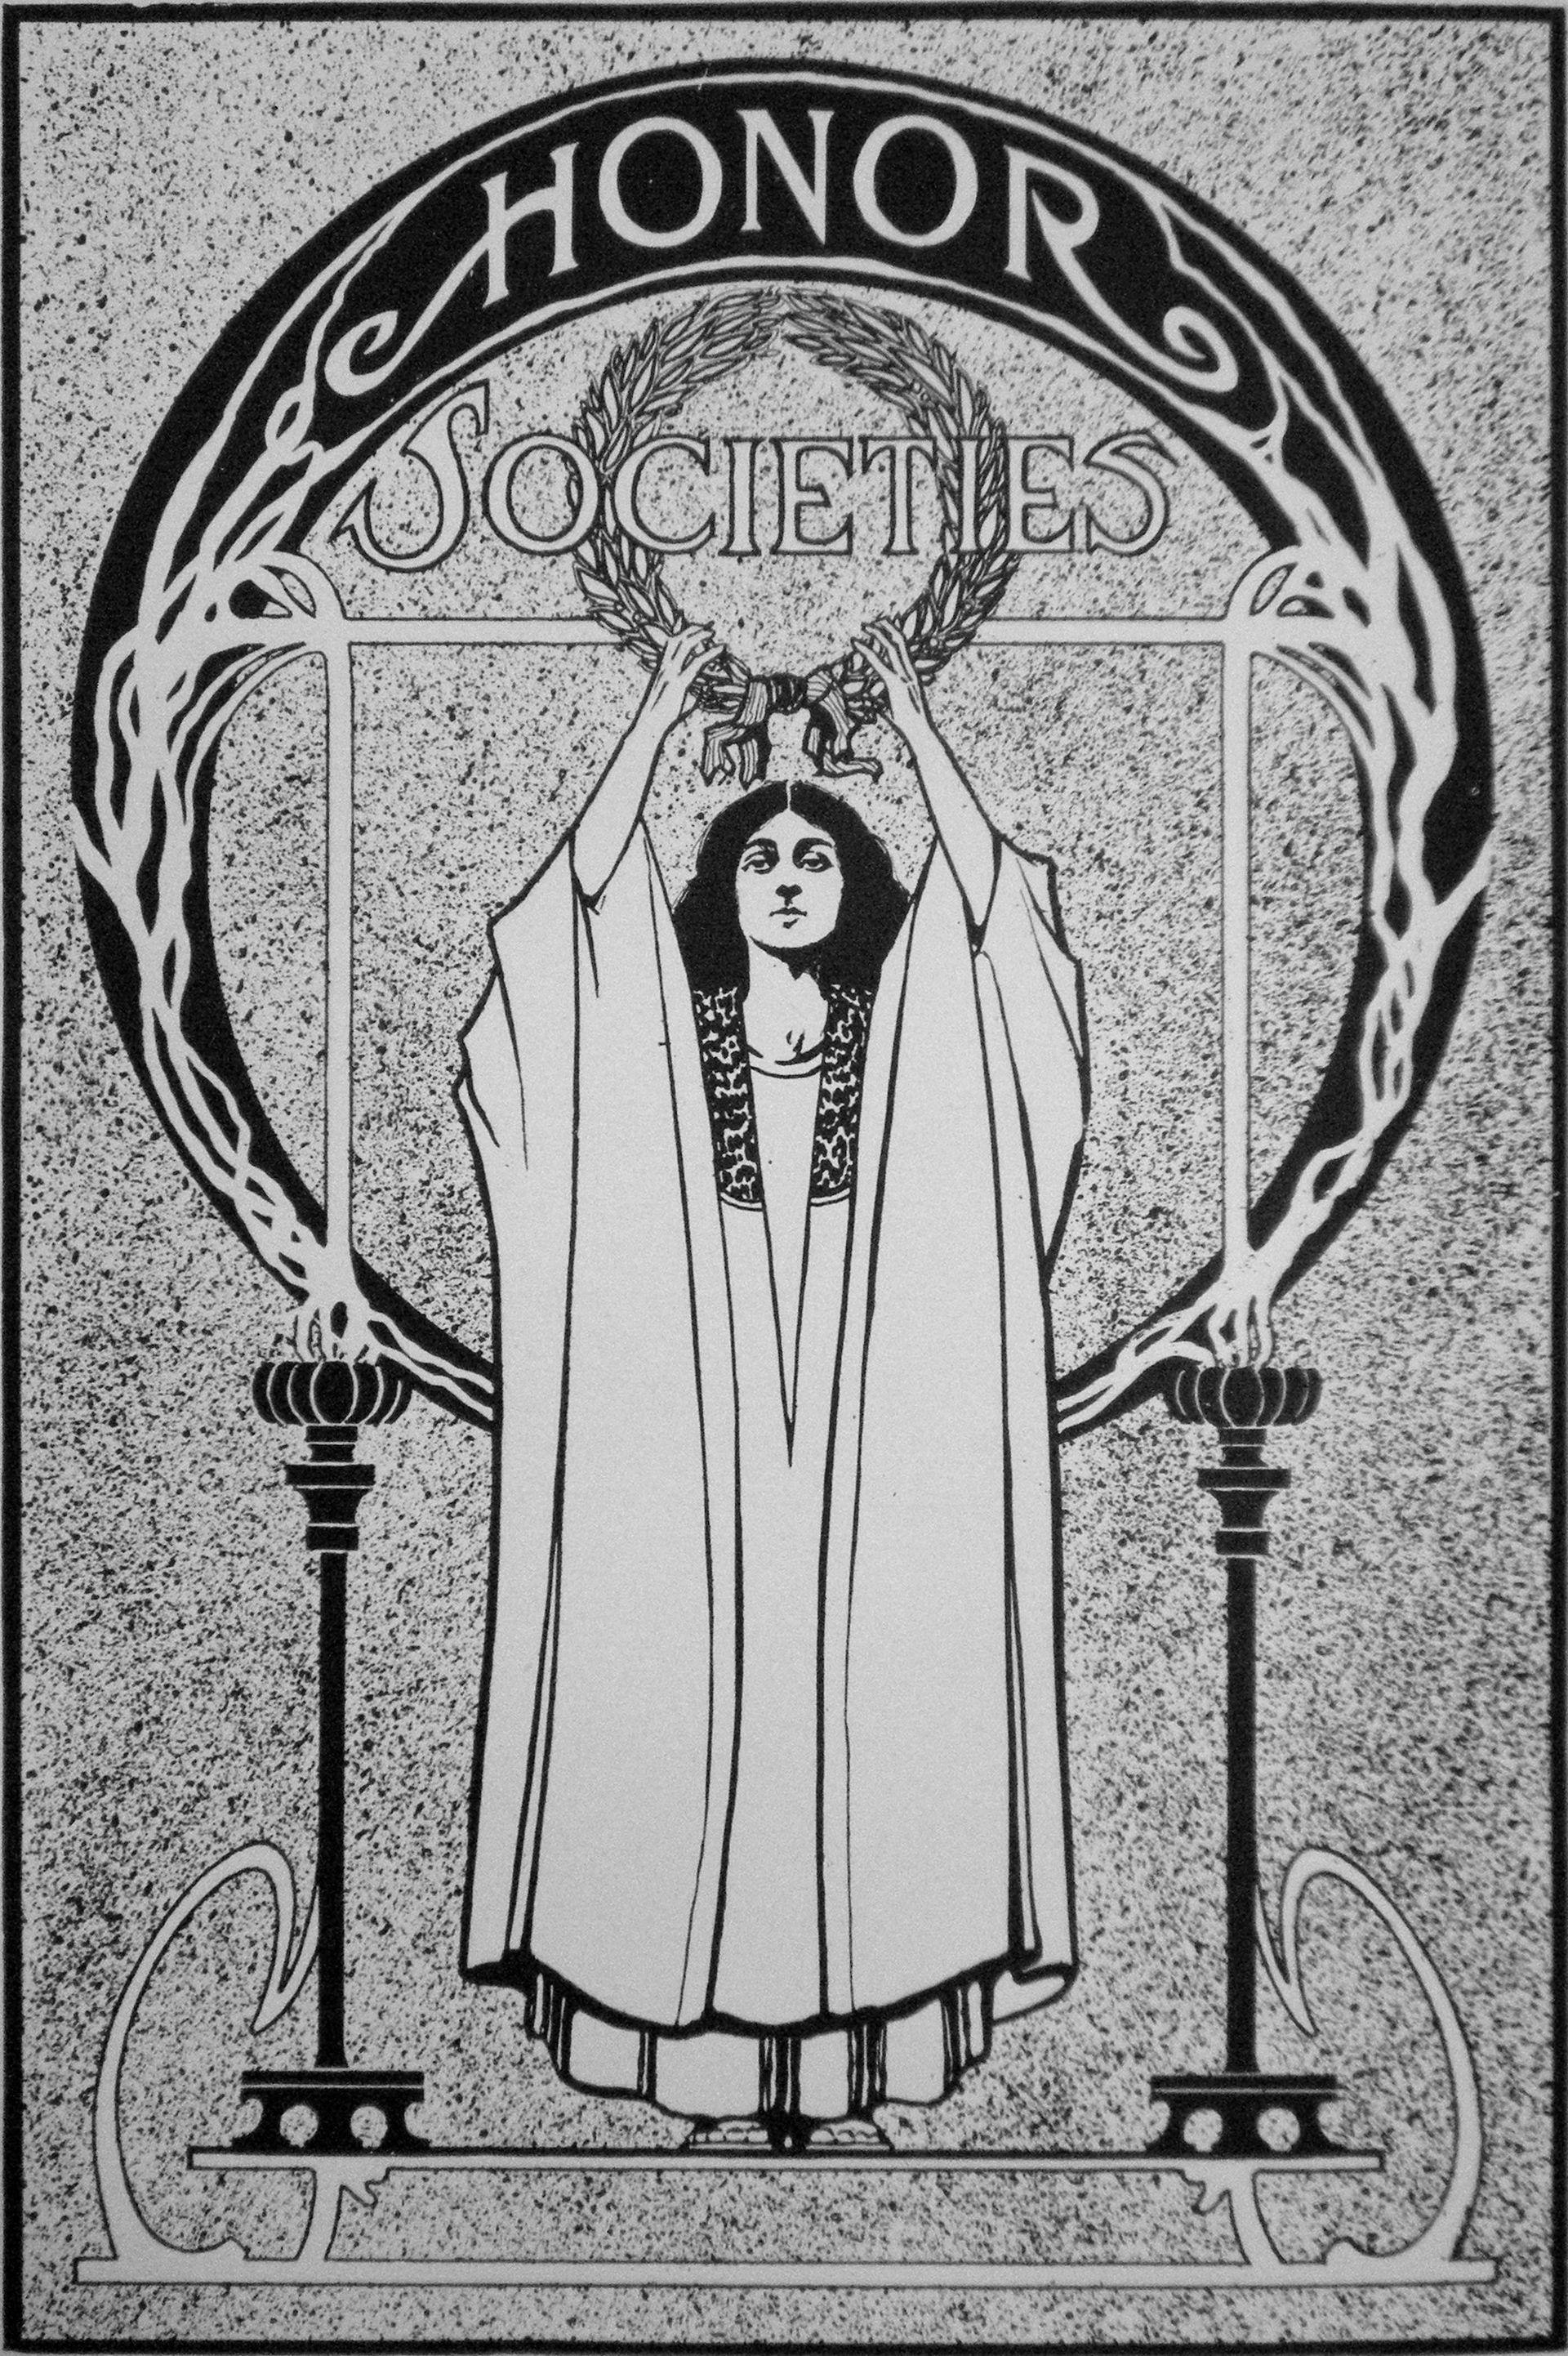 Honor society - Wikipedia